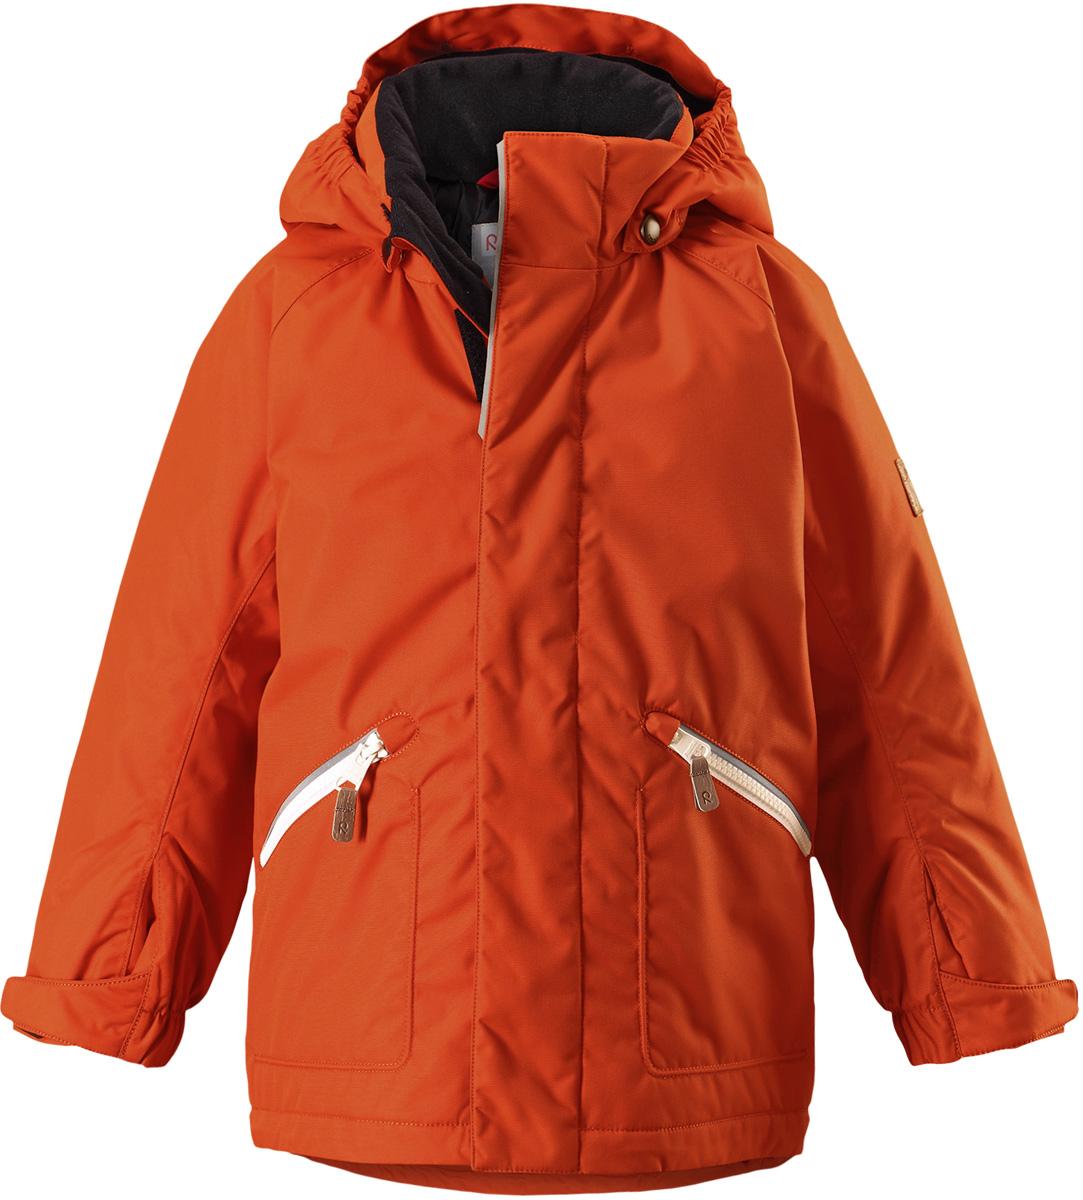 Куртка детская Reima Reimatec Nappaa, цвет: оранжевый. 5215132850. Размер 1165215132850Детская зимняя куртка Reimatec изготовлена из износостойкого, водо- и ветронепроницаемого, дышащего материала с водо- и грязеотталкивающей поверхностью. Основные швы в куртке проклеены и водонепроницаемы, поэтому неожиданный снегопад или дождь не помешает веселым играм на свежем воздухе! Эта куртка с подкладкой из гладкого полиэстера легко надевается, и ее очень удобно носить. Благодаря регулируемой талии и подолу, эта куртка прямого кроя отлично сидит по фигуре. Капюшон снабжен кнопками. Это обеспечивает дополнительную безопасность во время активных прогулок – капюшон легко отстегивается, если случайно за что-нибудь зацепится. Регулируемые манжеты, два передних кармана на молнии и светоотражающие детали.Средняя степень утепления.